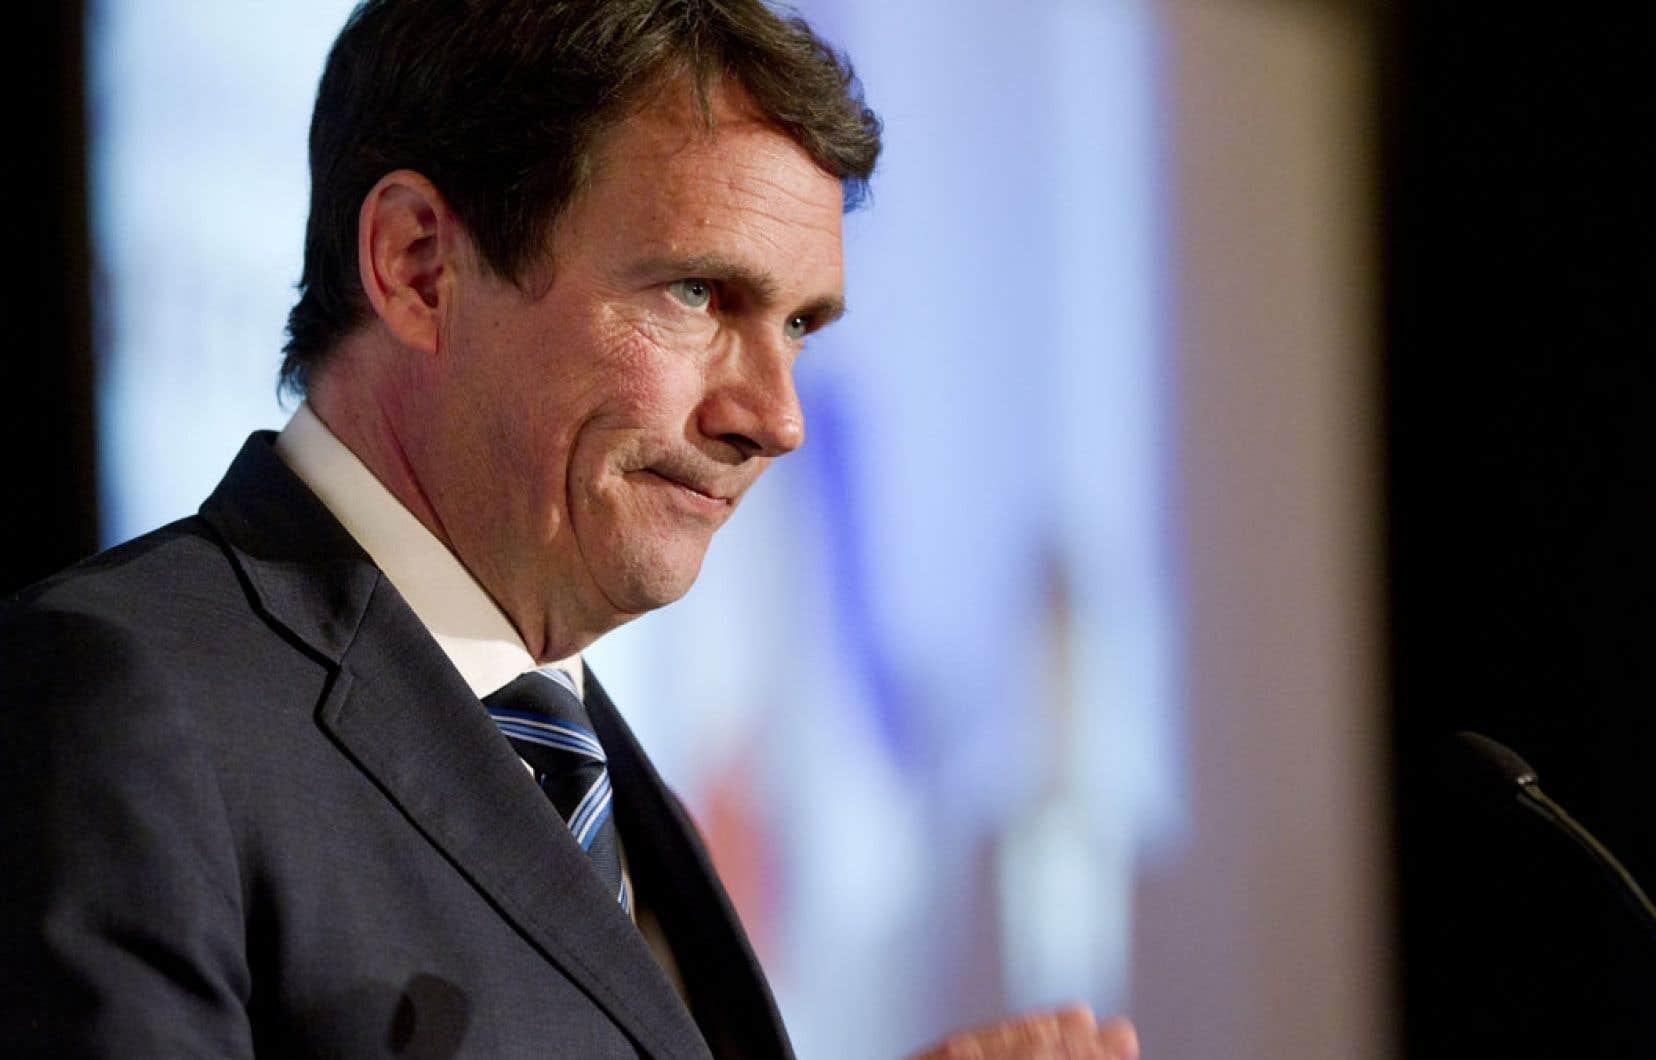 Pierre Karl Péladeau a annoncé à la mi-mars qu'il quitterait ses fonctions de président et chef de la direction de Québecor en mai pour assumer la présidence du conseil d'administration du conglomérat.